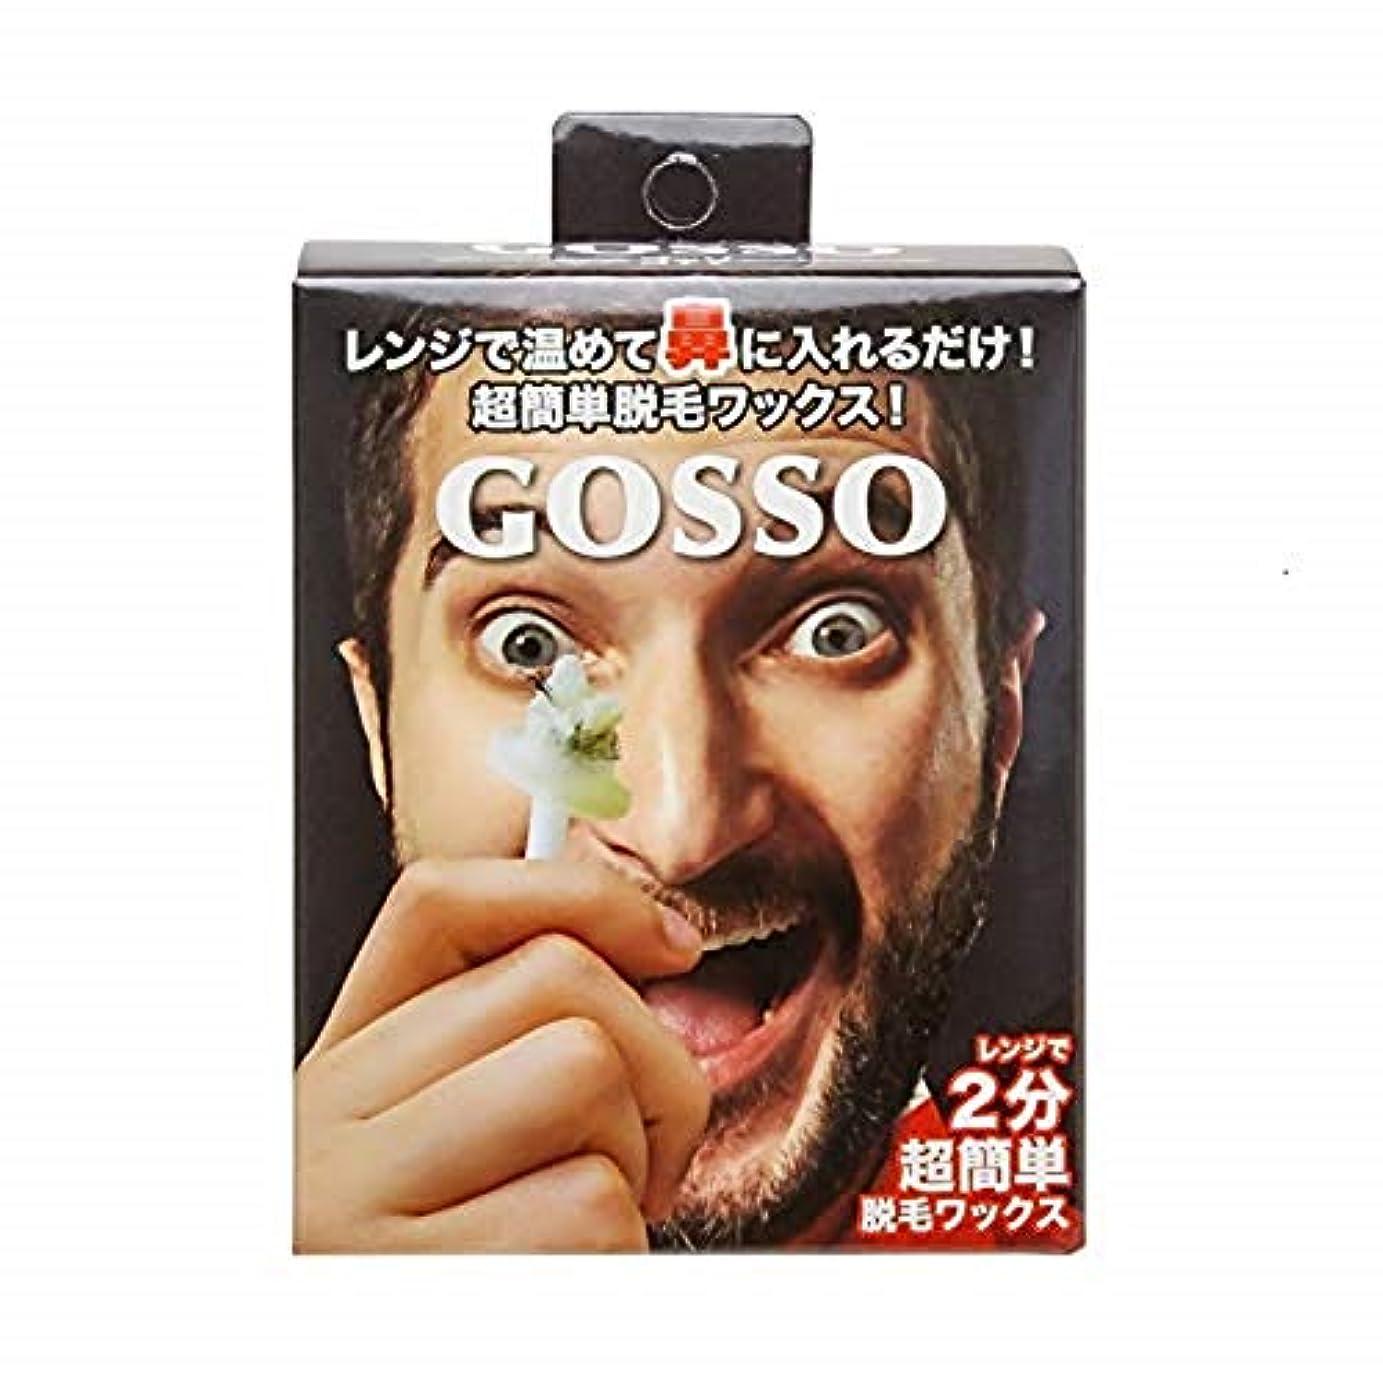 好戦的な軽蔑好戦的なGOSSO ゴッソ (ブラジリアンワックス鼻毛脱毛セット) (セット, 1個)